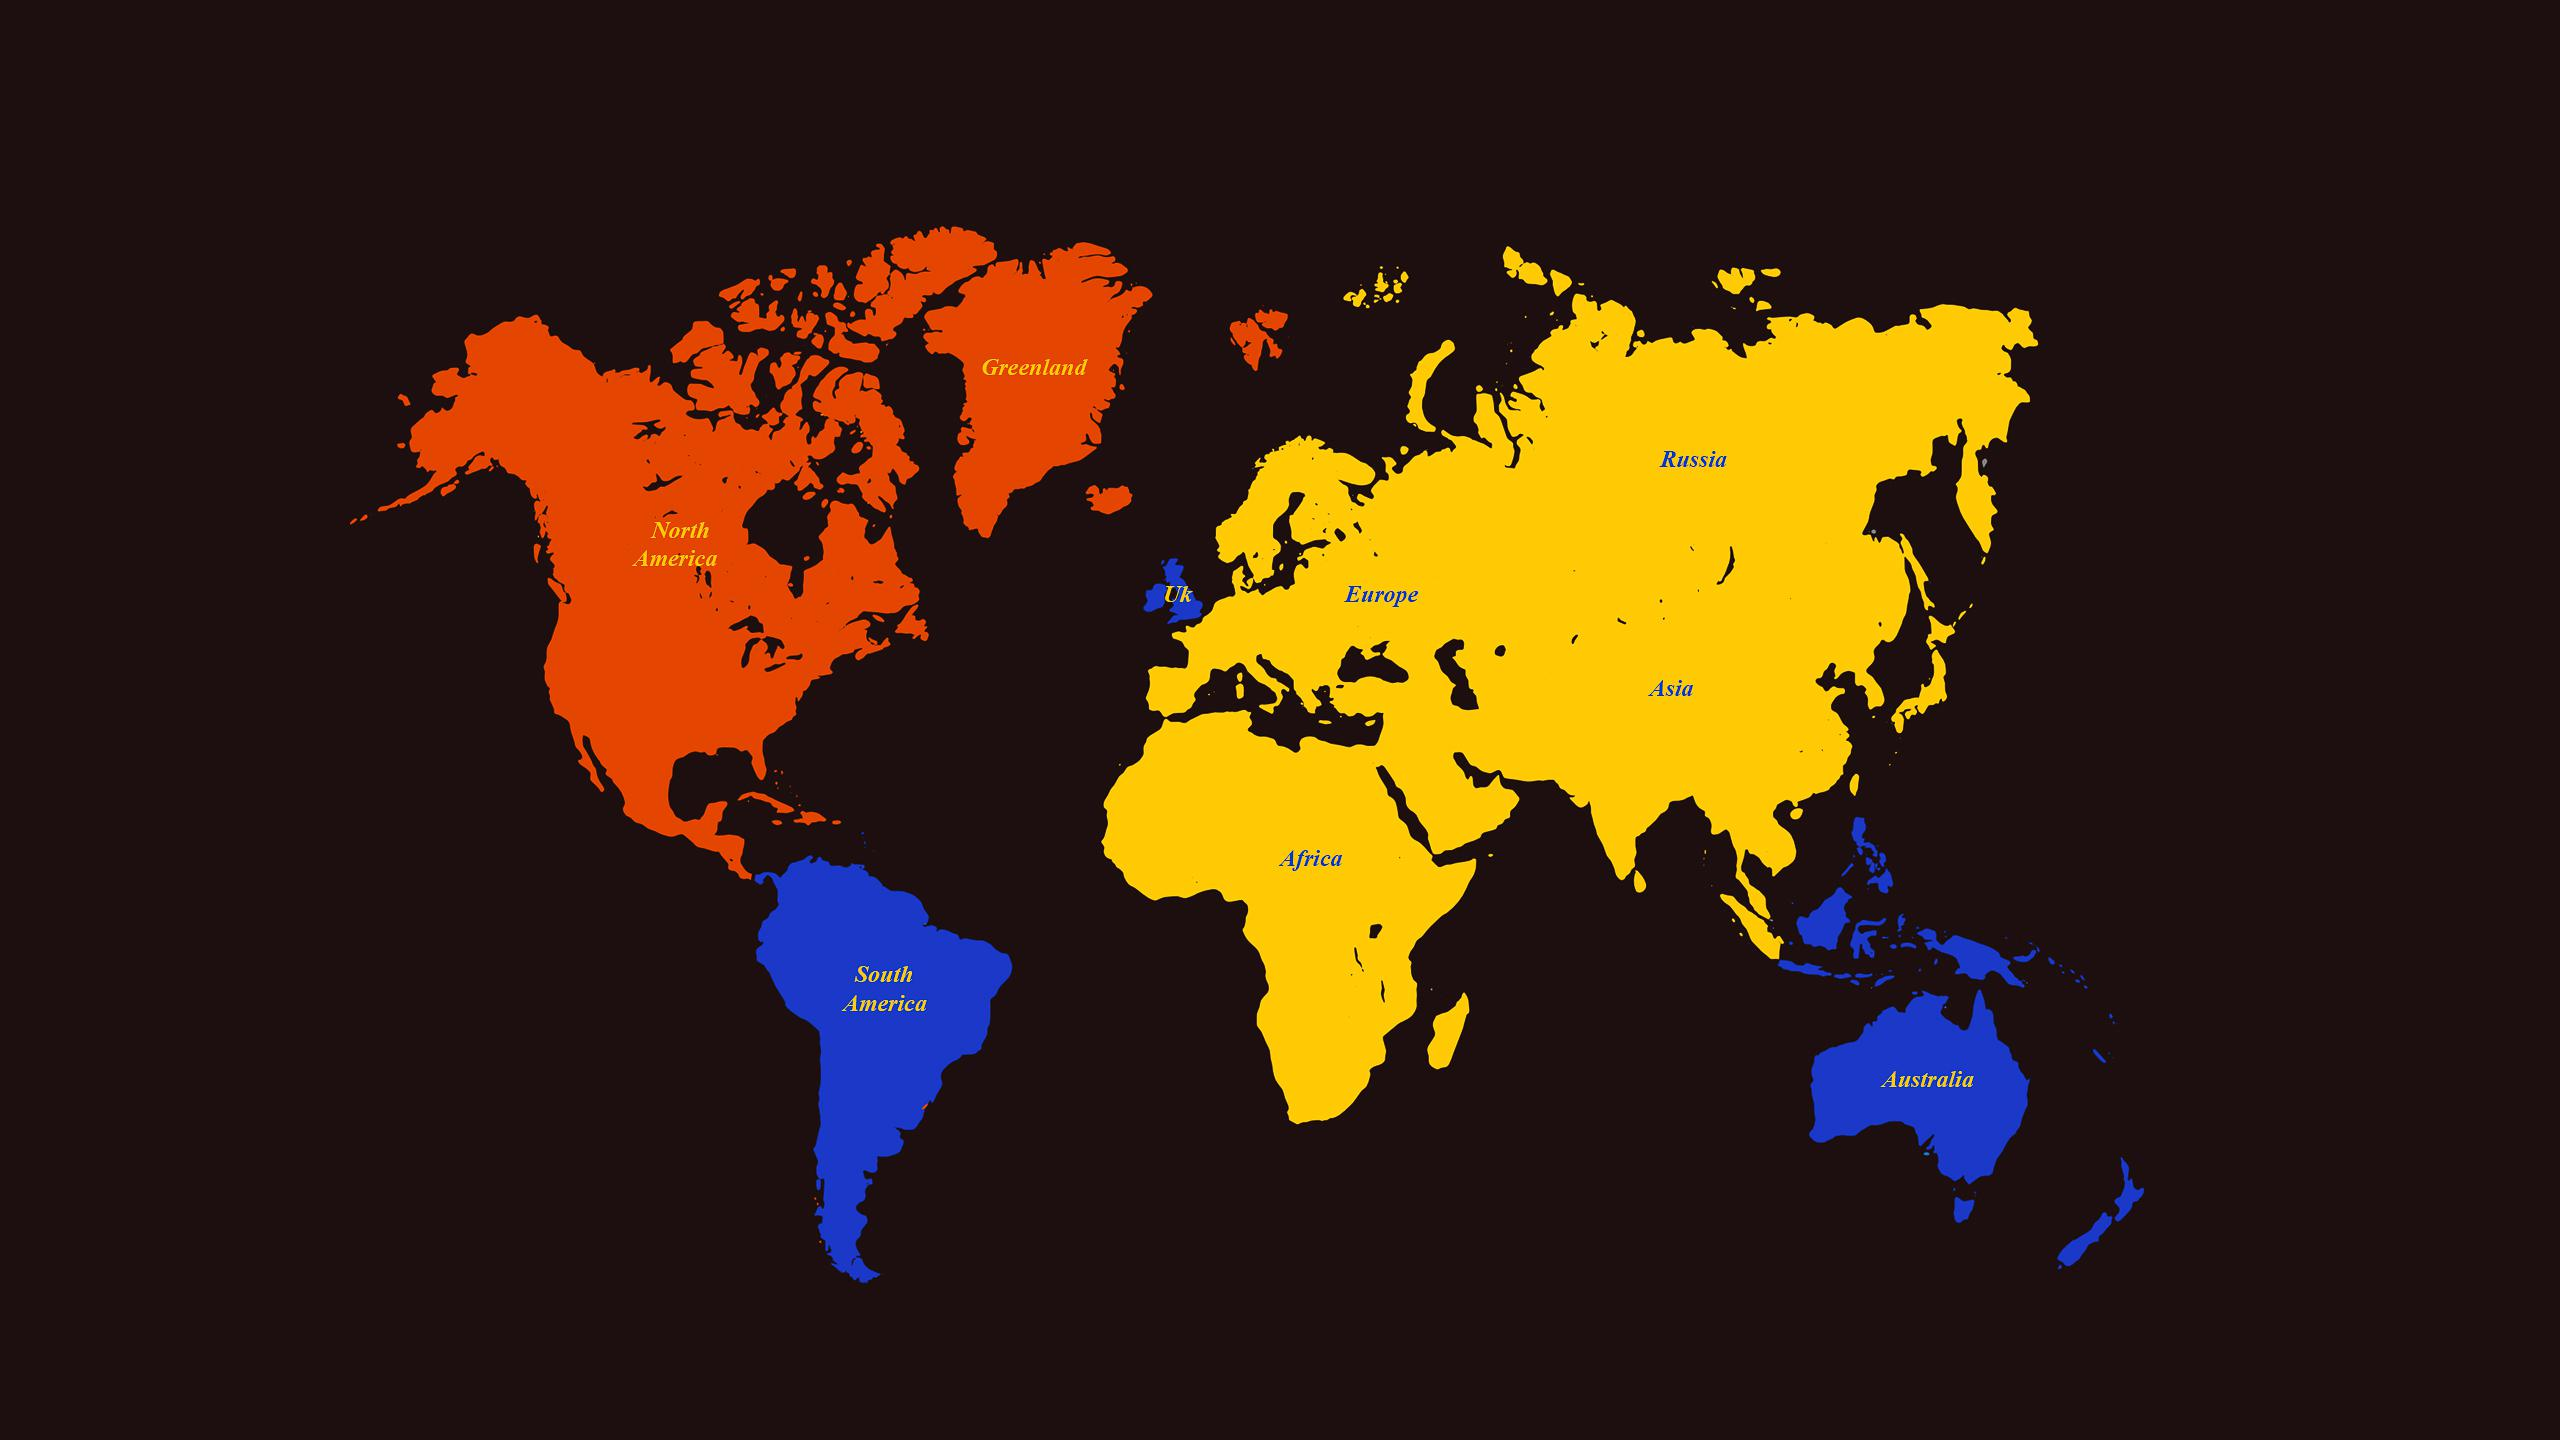 World Map Wallpaper - World Map Hd , HD Wallpaper & Backgrounds